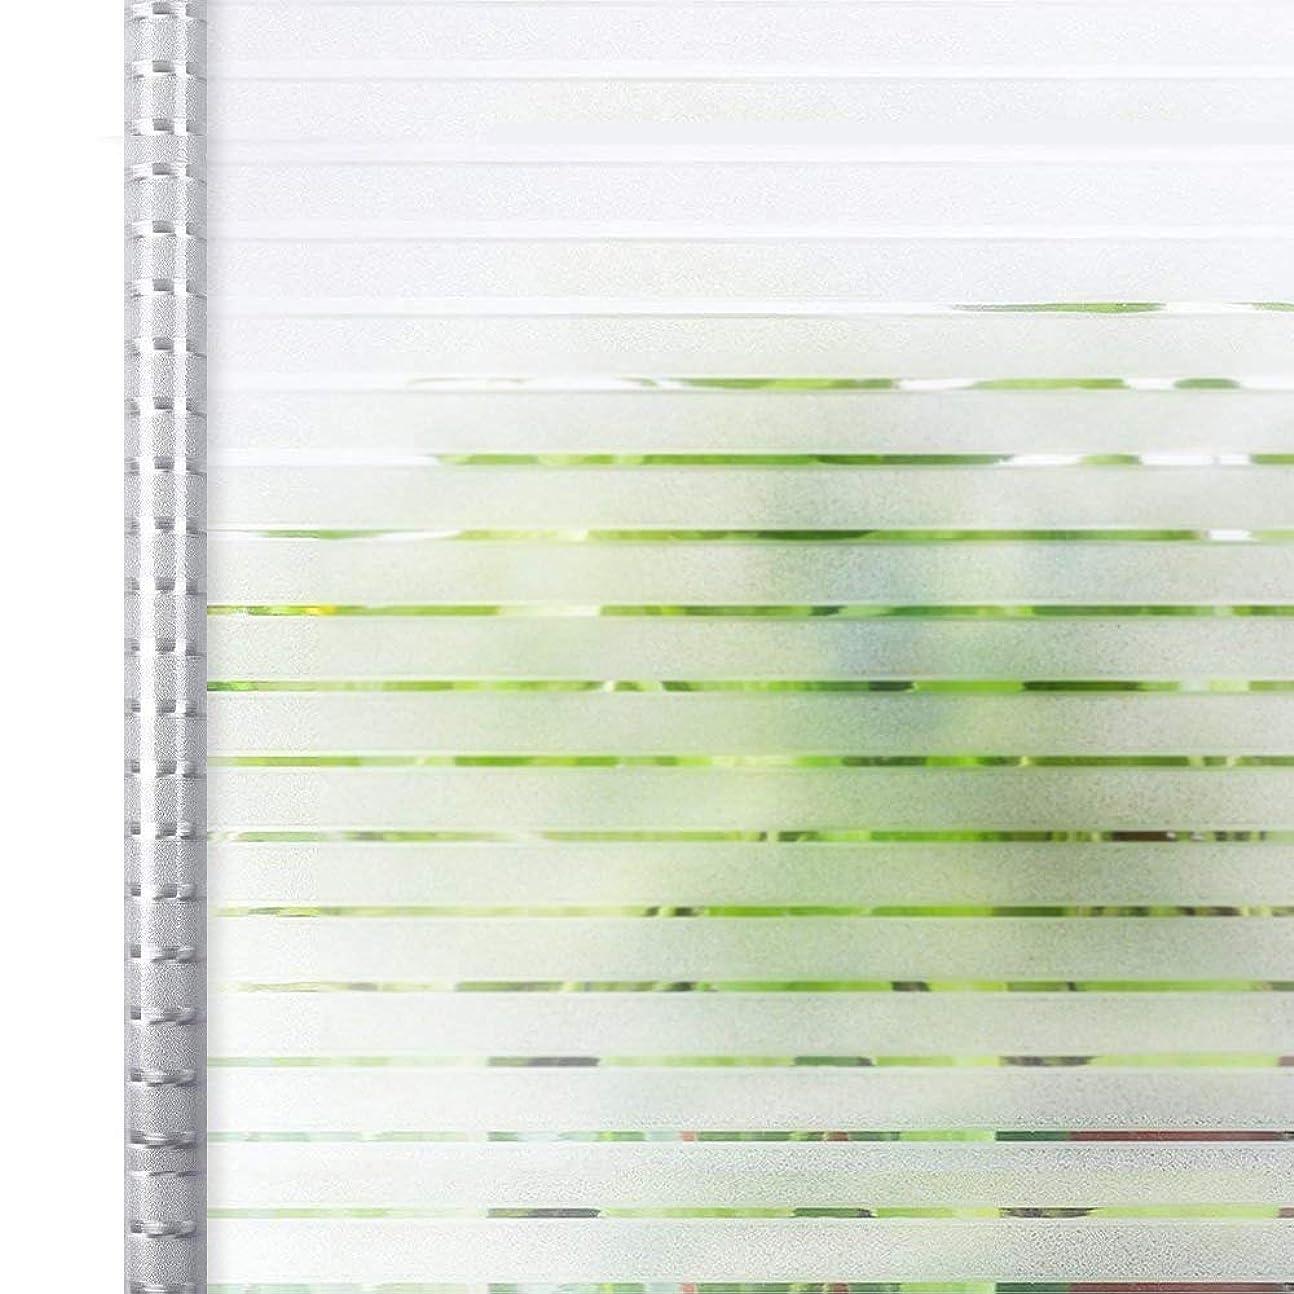 ブラウズと闘う罰窓めかくしシート 窓用フィルム 水で貼る 剥がせる ガラスフィルム 目隠し uvカツト オフィス 飛散防止 網入りガラス適用 ストライプ柄 90x200cm